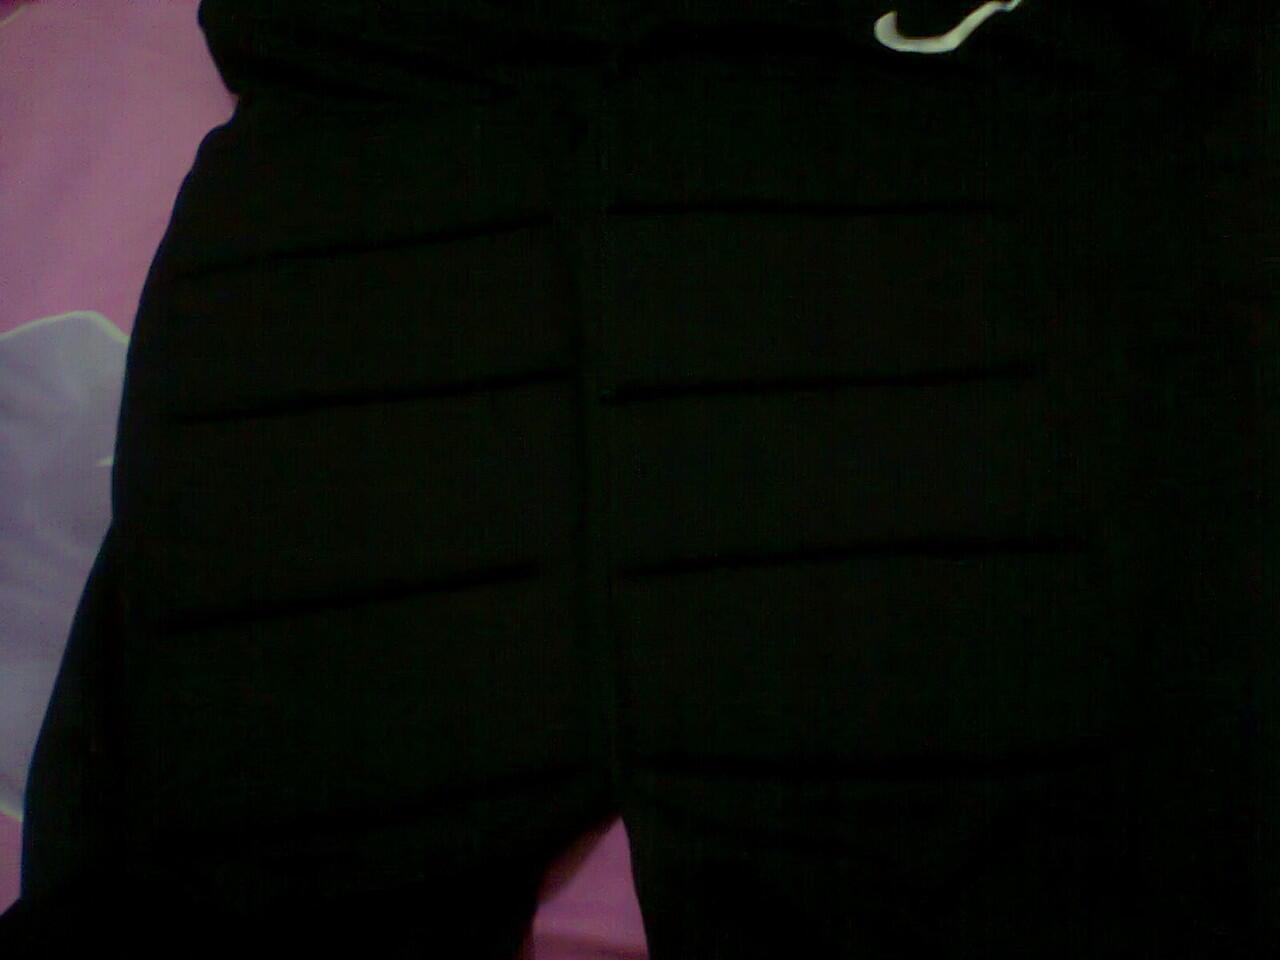 Lelang Celana Kiper Nike 3/4 Vendor Lokal / Goalkeeper Pants @nd Like New